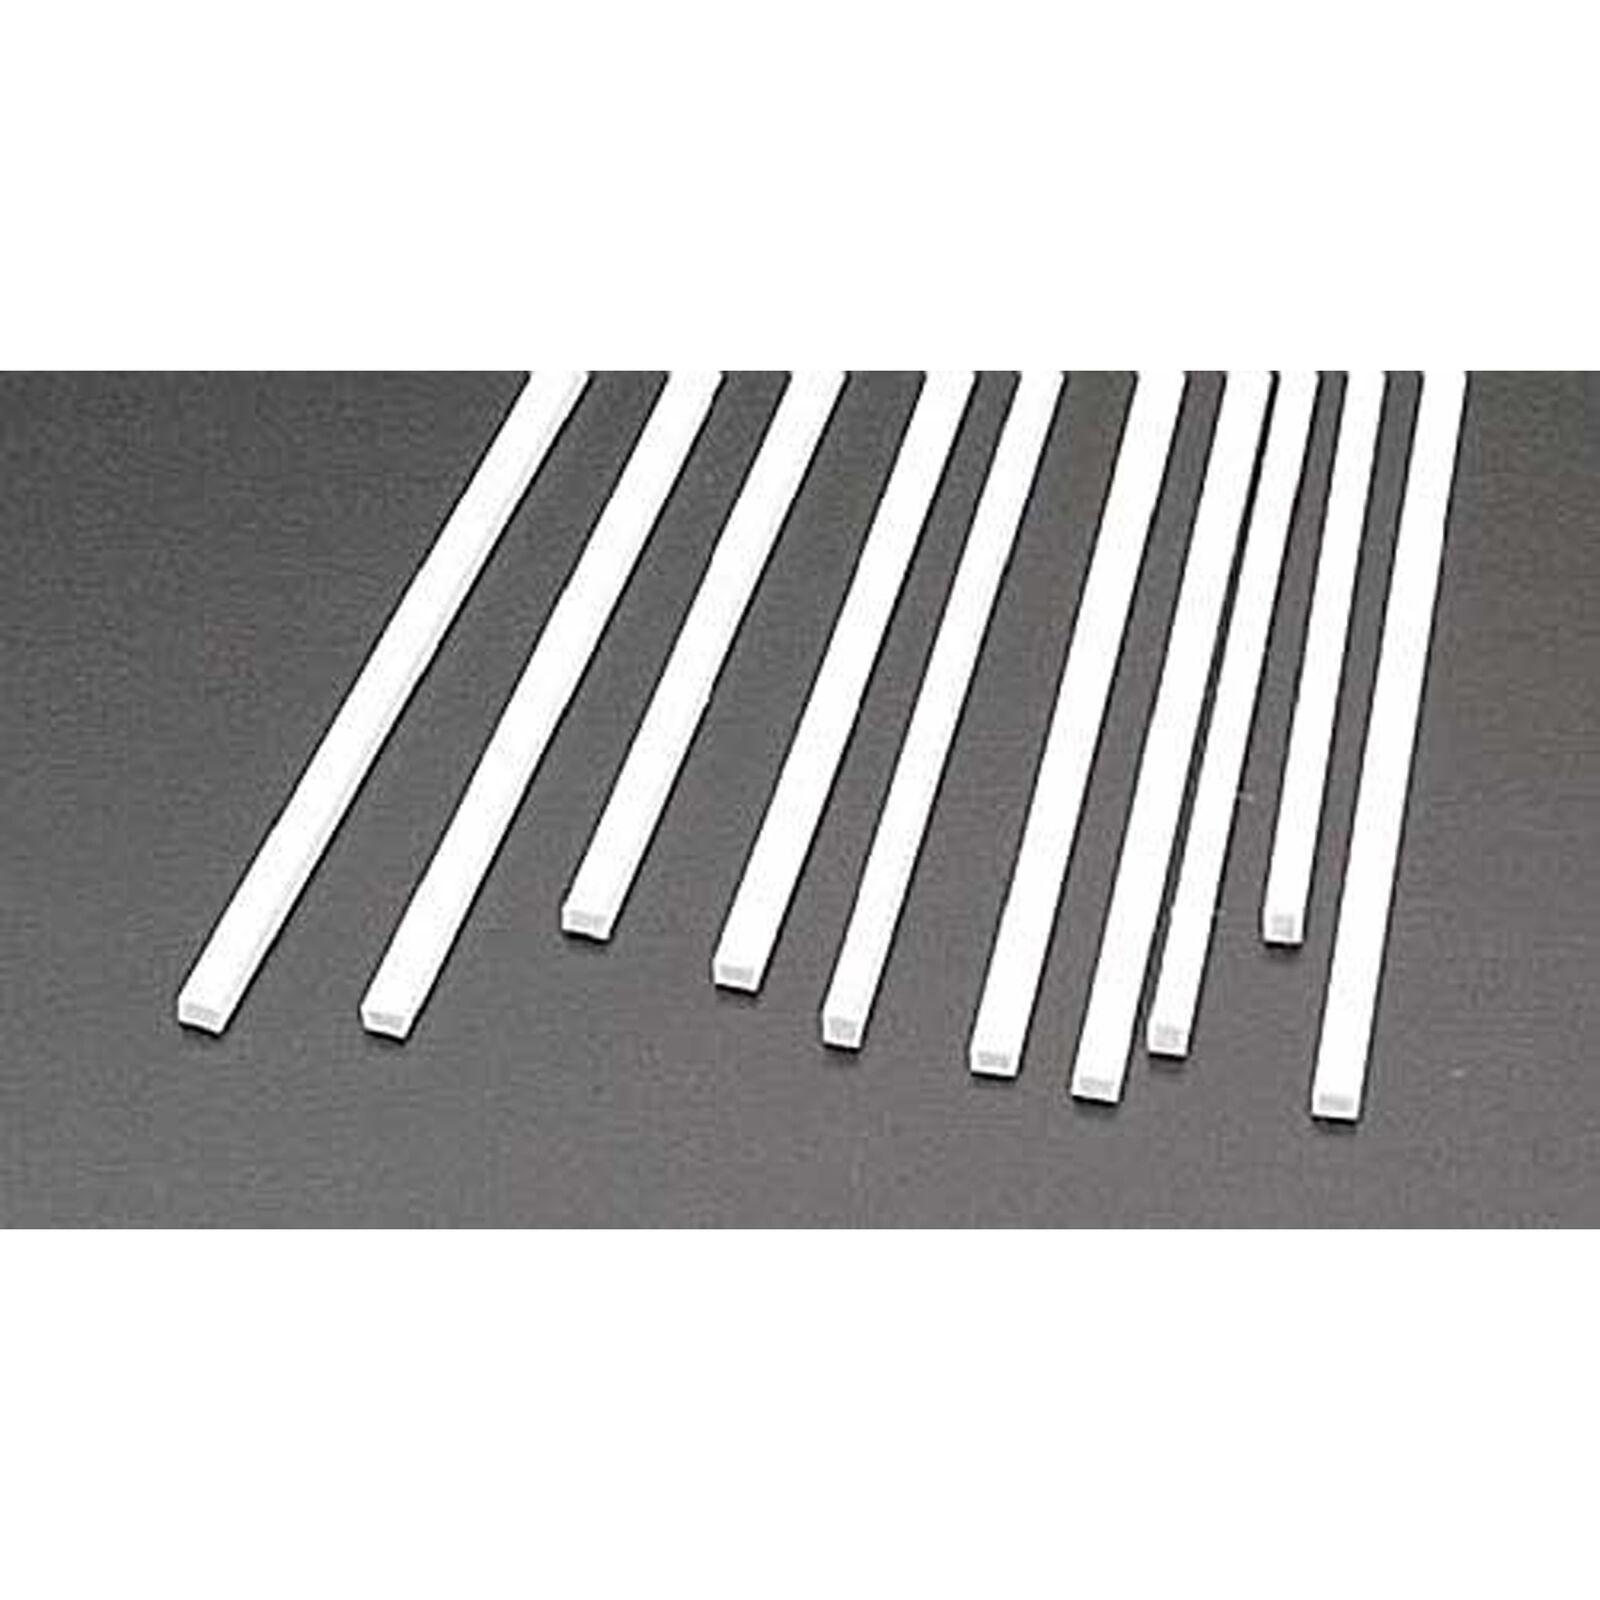 MS-812 Rect Strip,.080x.125 (10)